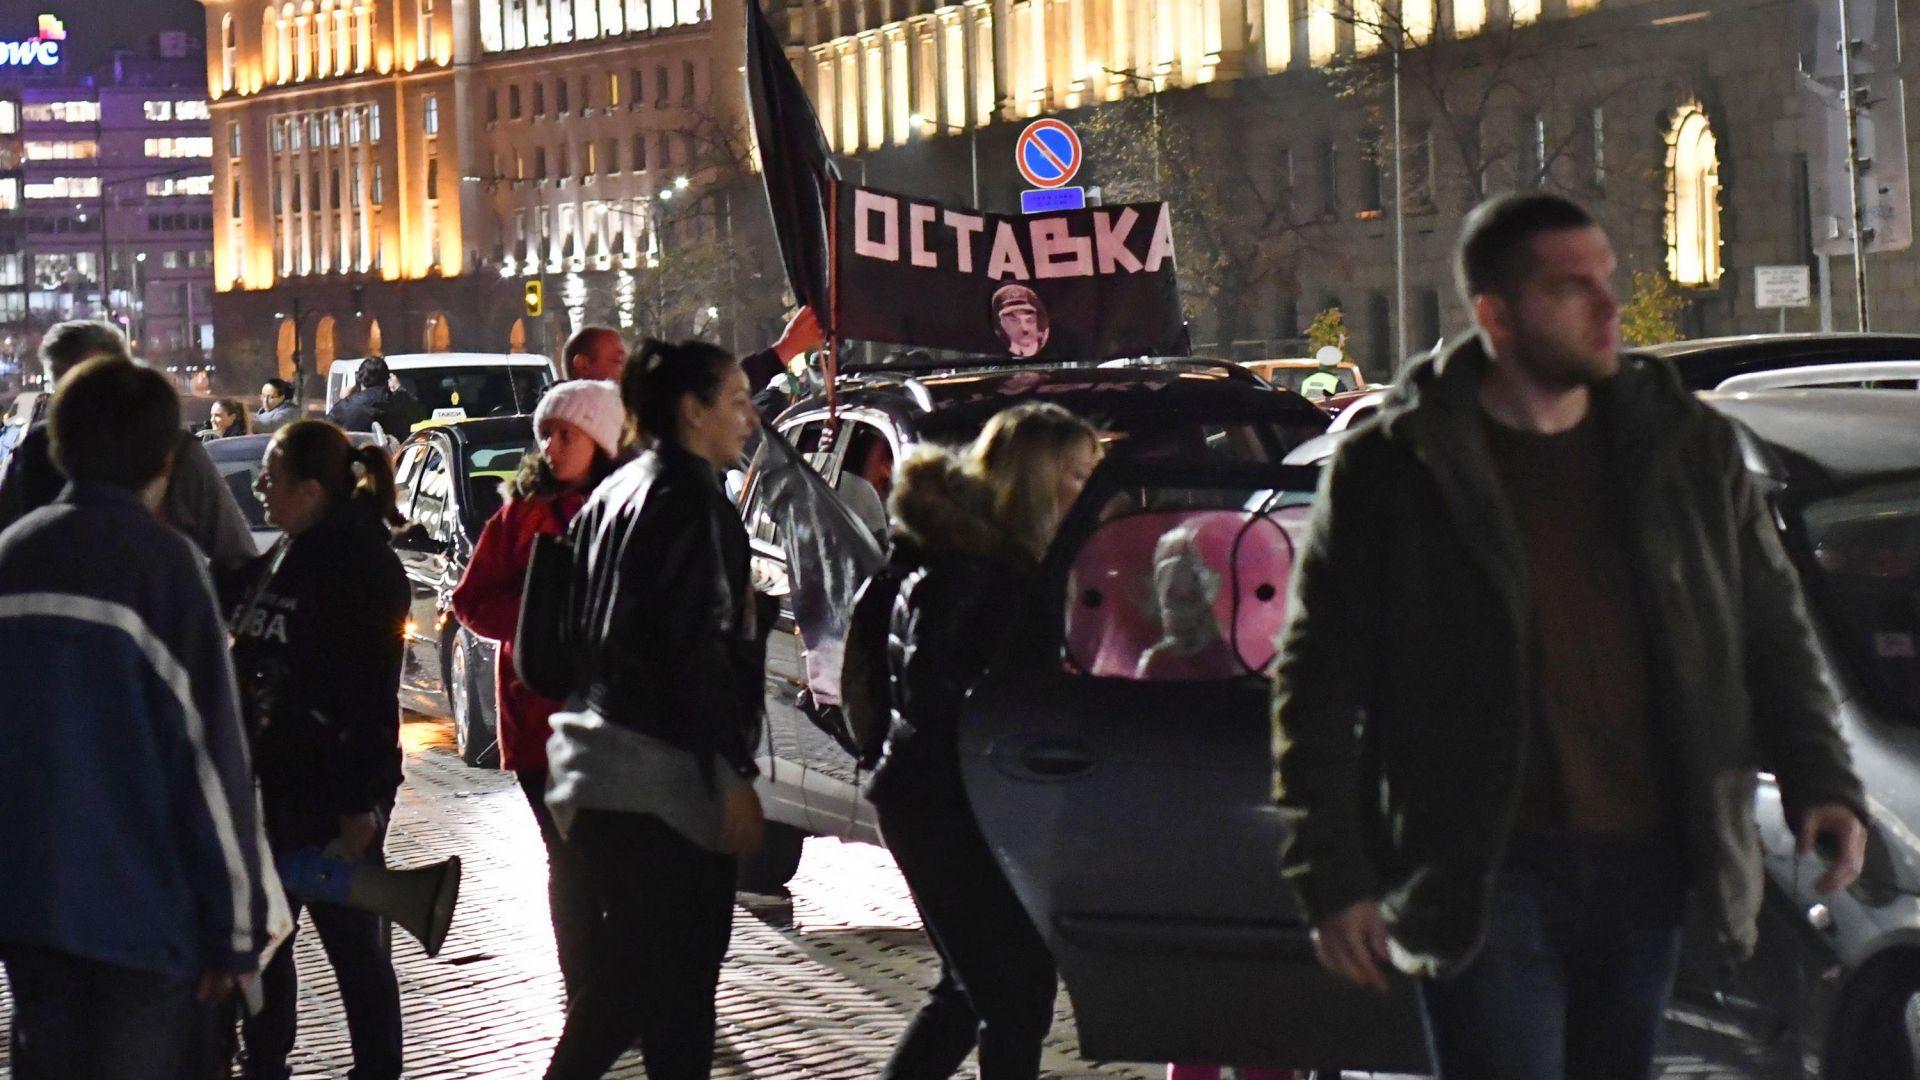 България се готви за нови масови социални протести през следващите